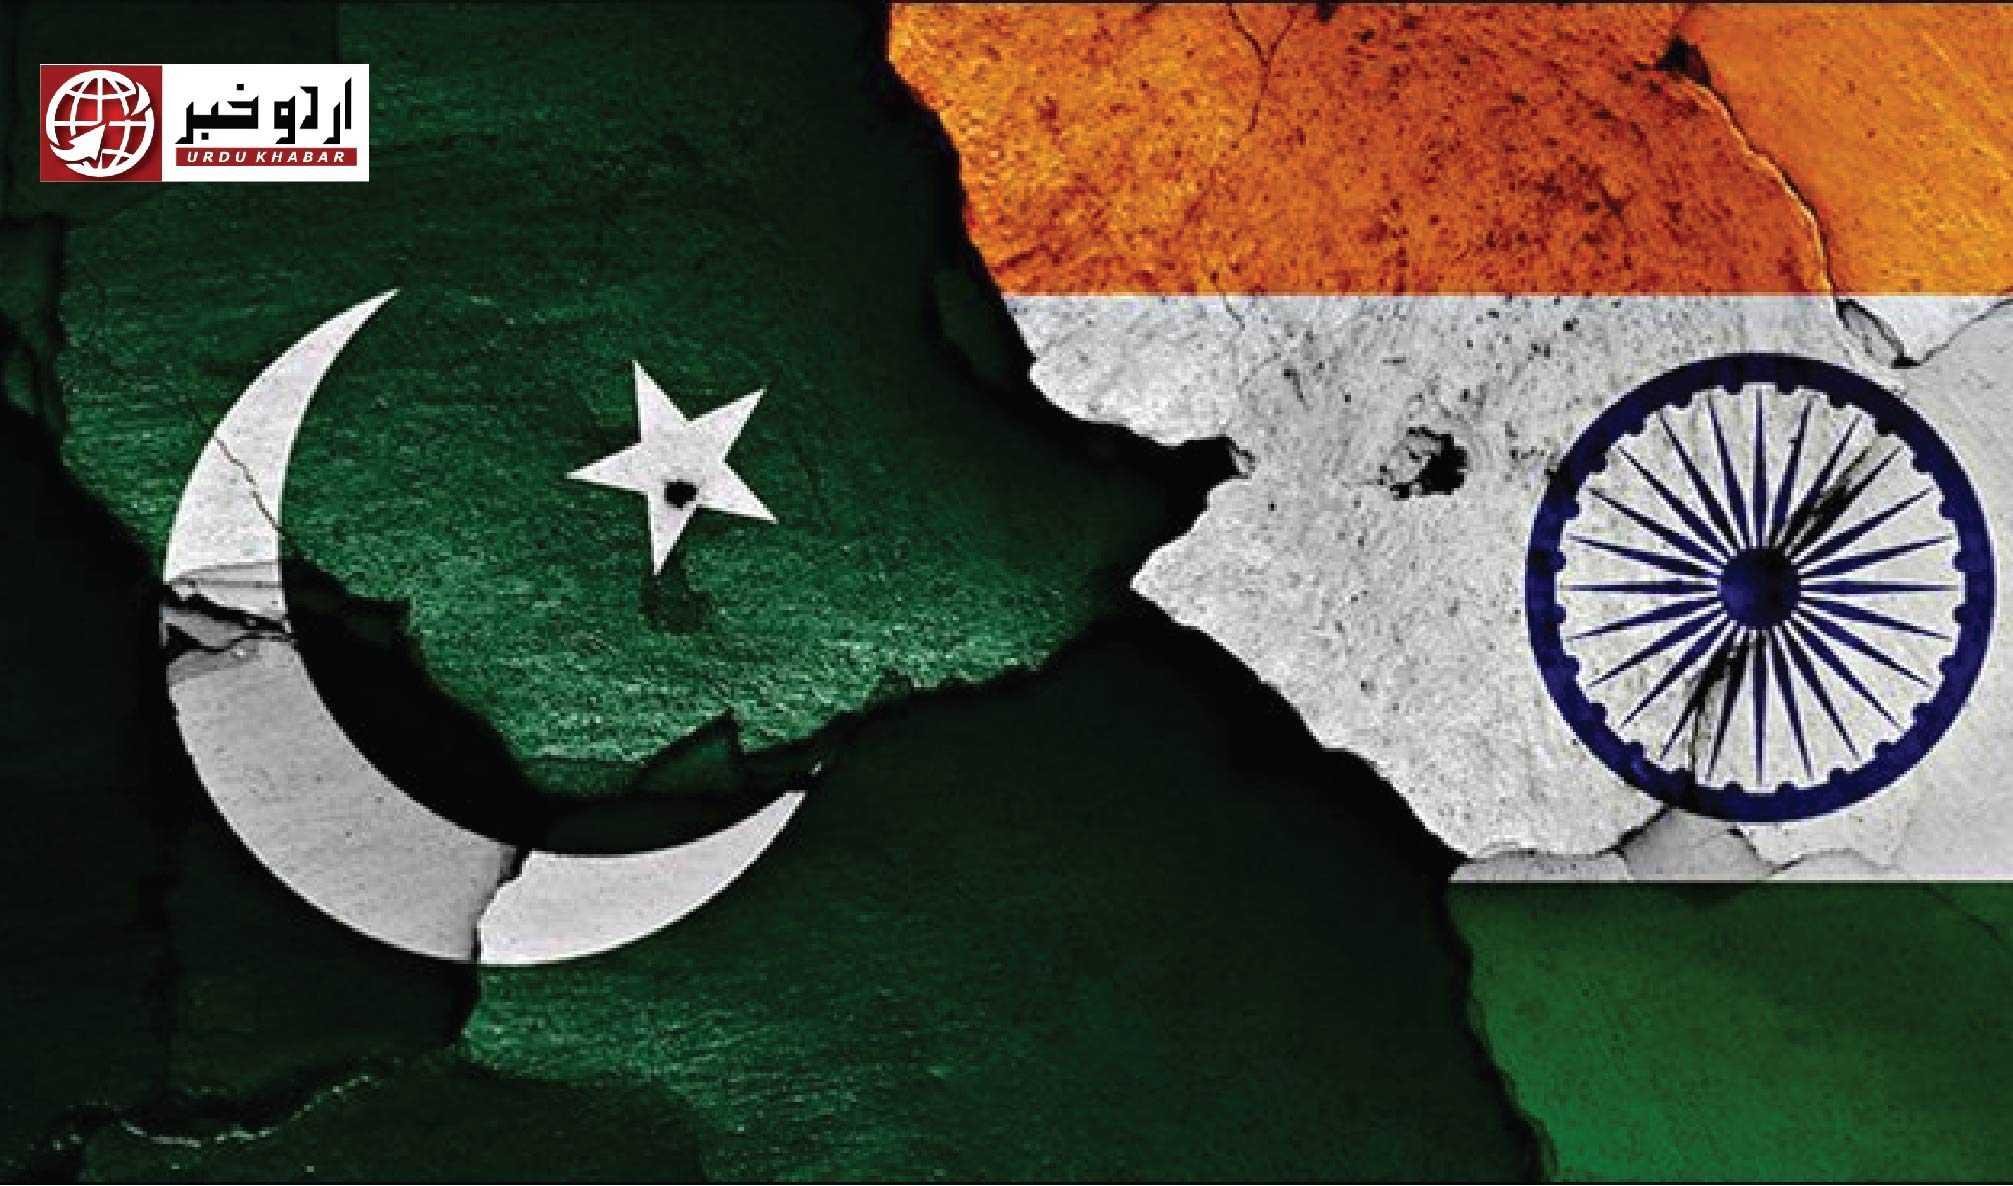 پاکستان اور انڈیا کے درمیان بڑے پیمانے پر جنگ کا خطرہ ہے، ڈی جی آئی ایس پی آر